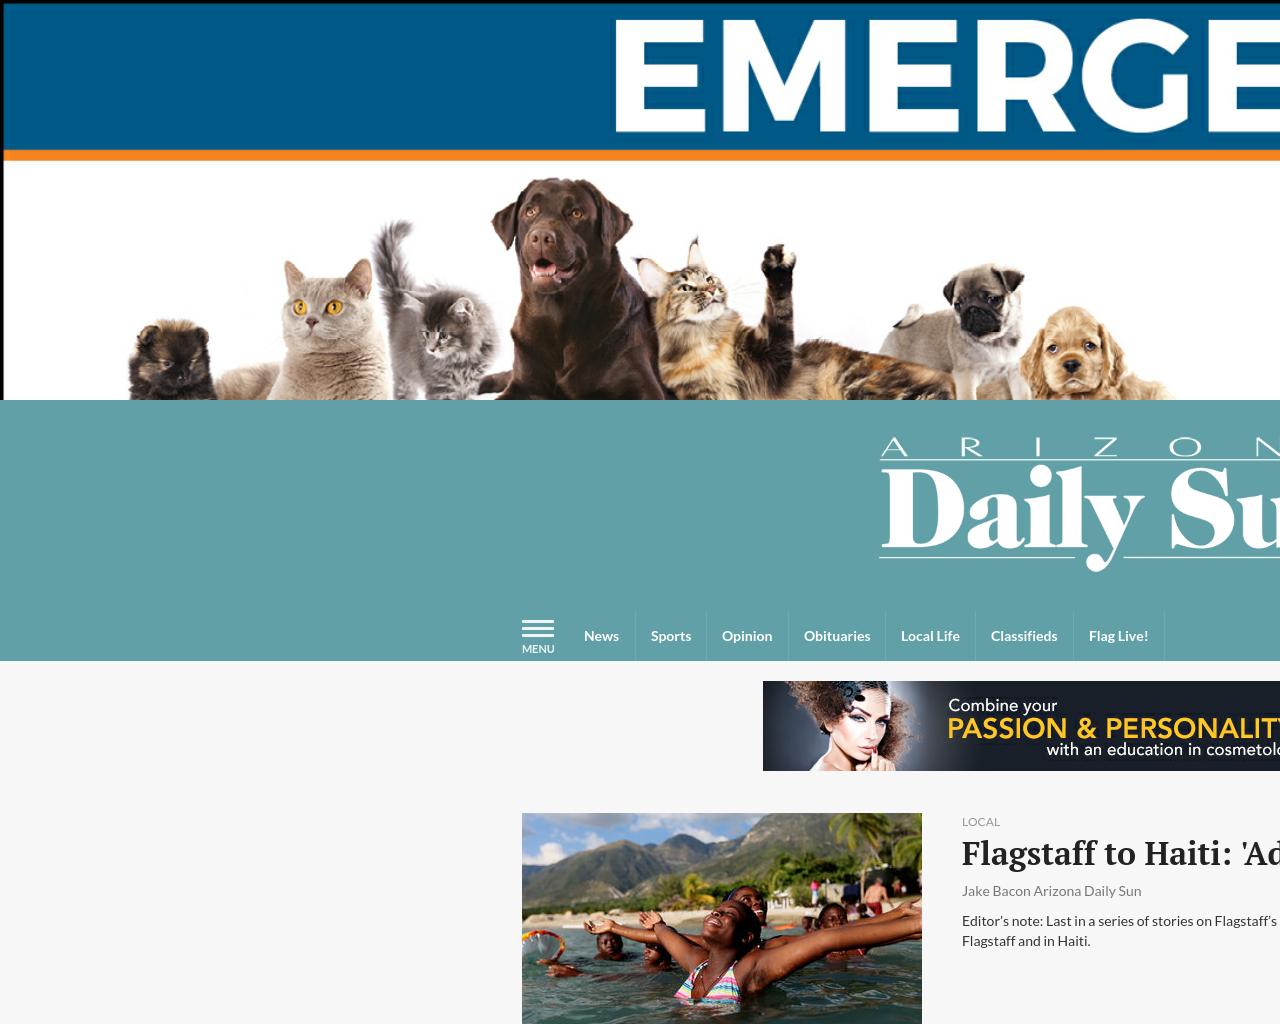 Arizona-Daily-Sun-Advertising-Reviews-Pricing